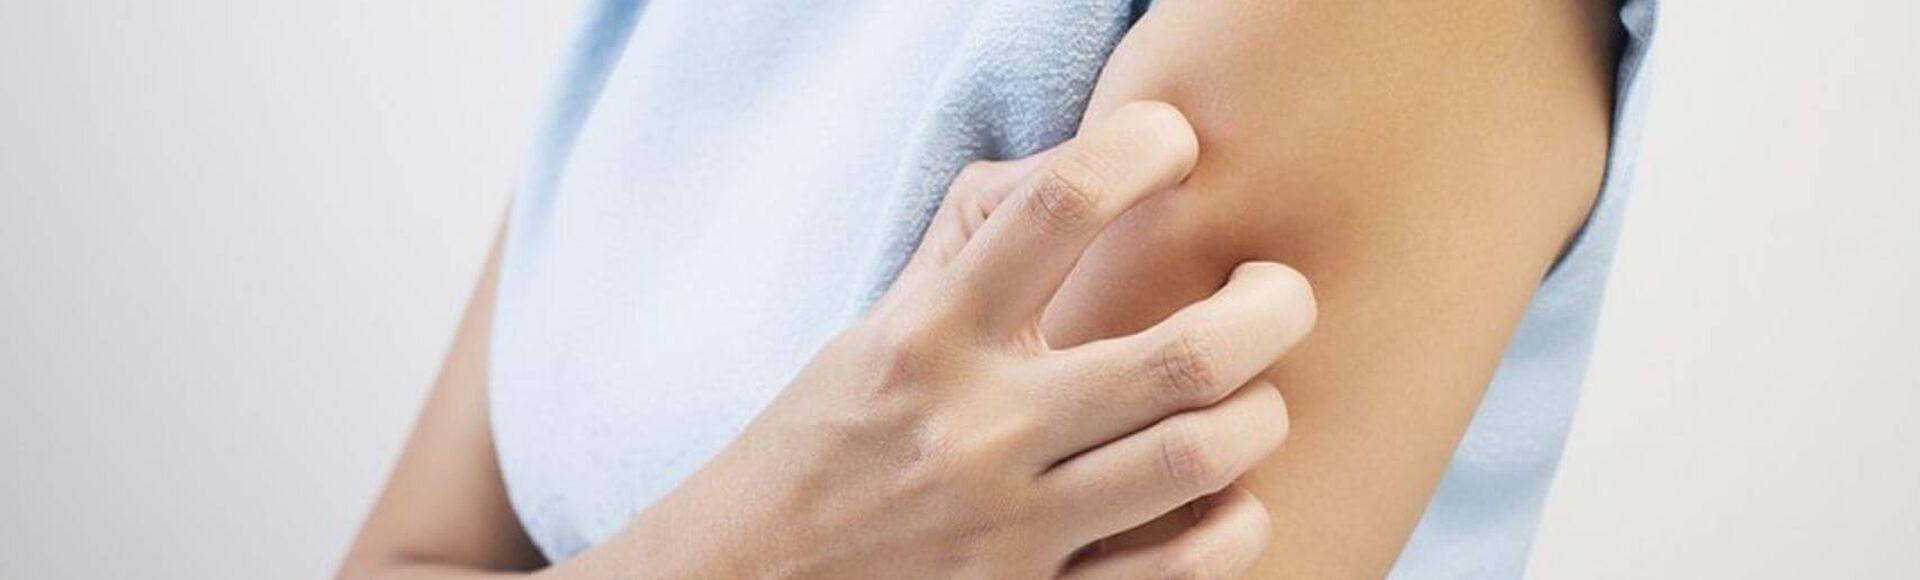 Tipos de urticária e urticária na gravidez